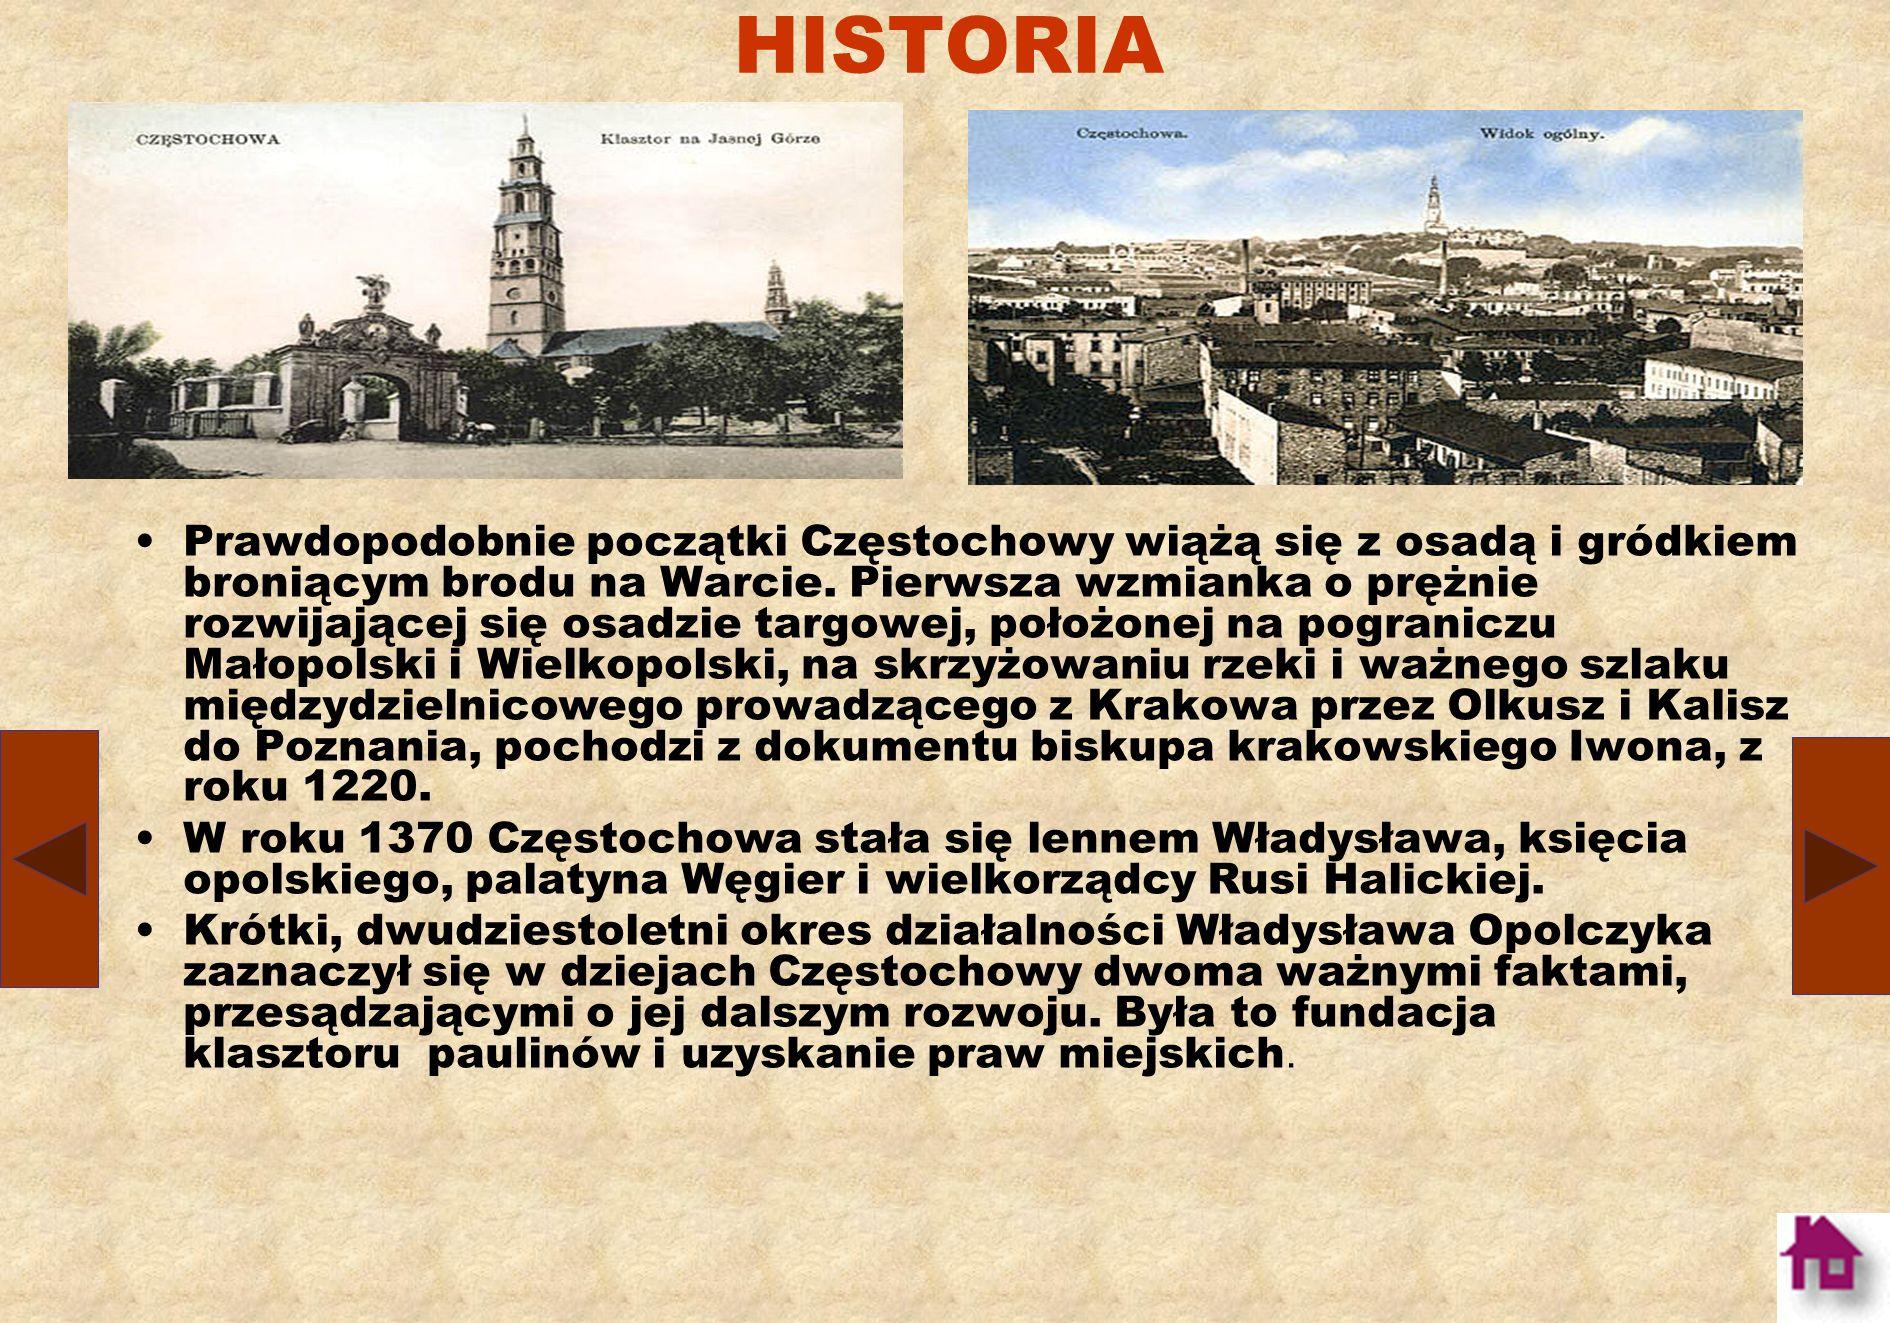 HERB Uchwałą nr 249/XXIX/92 Rady Miasta Częstochowy z 25 czerwca 1992 r.